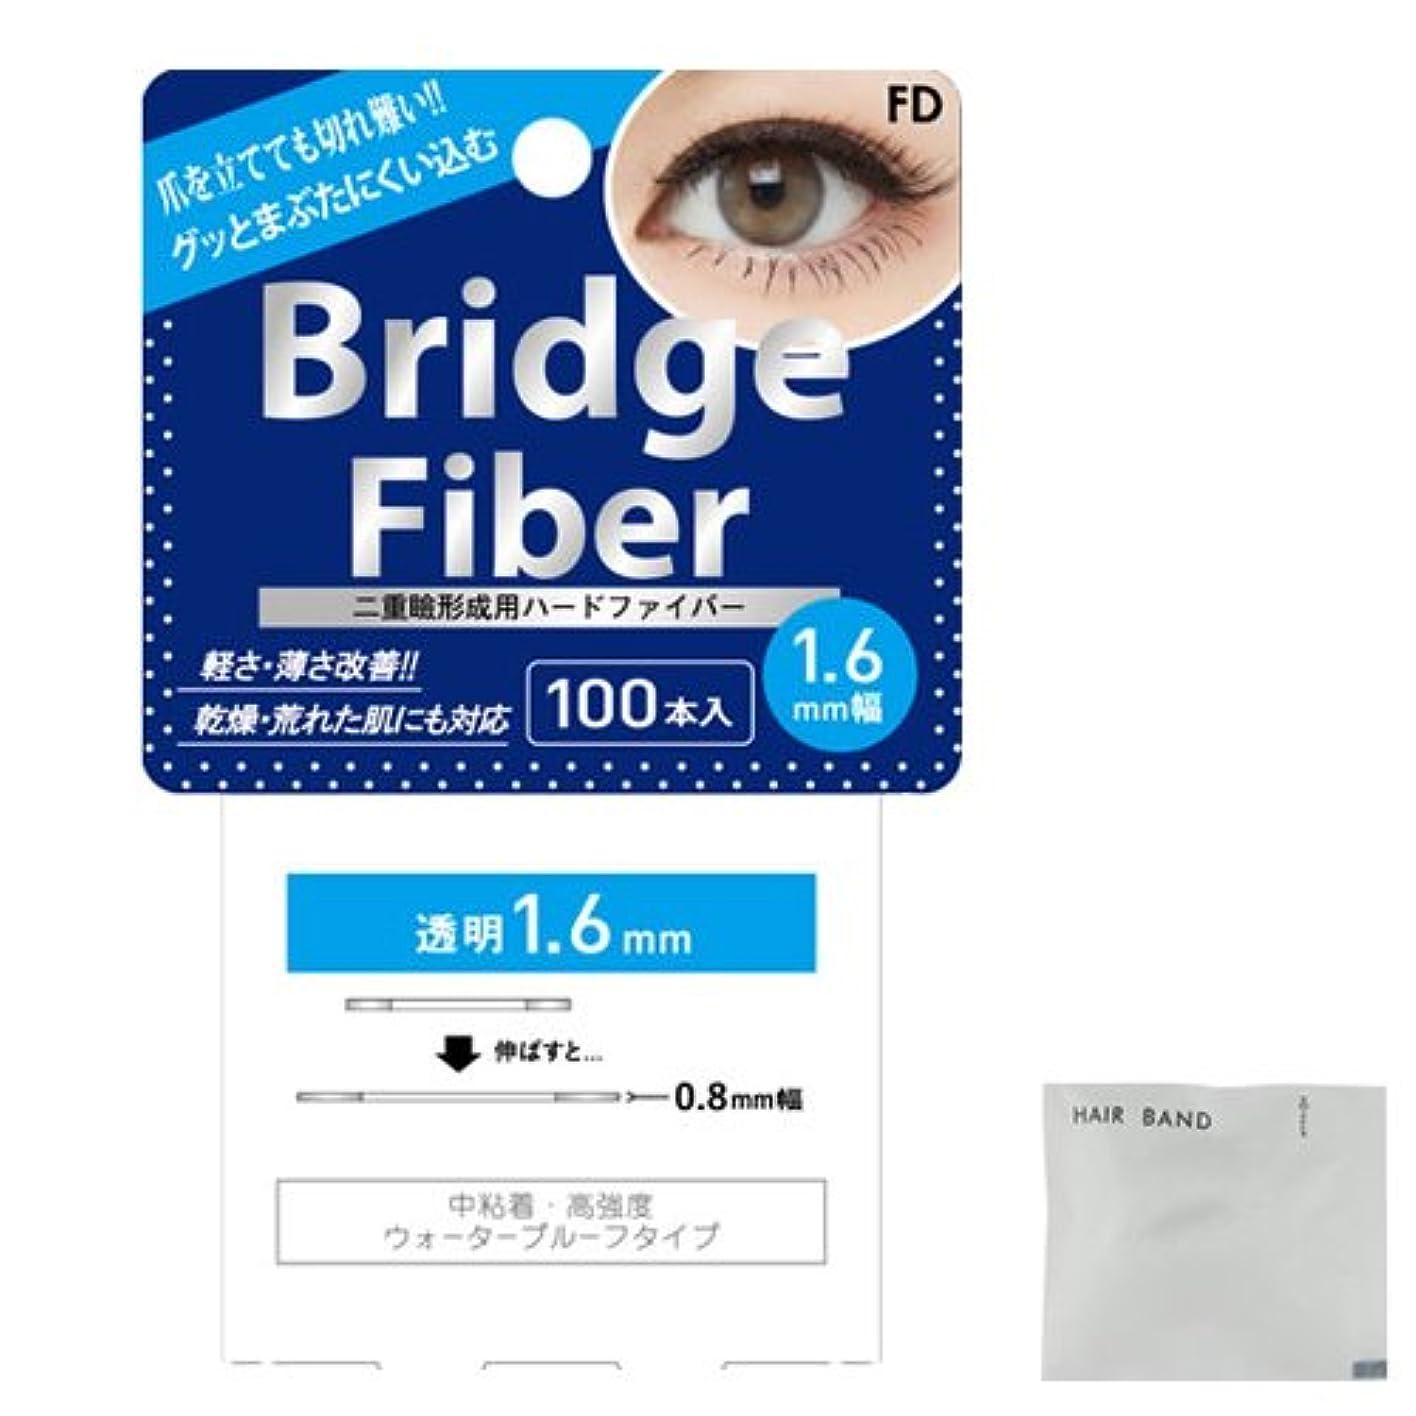 縁トーナメントのれんFD ブリッジファイバーⅡ (Bridge Fiber) クリア1.6mm + ヘアゴム(カラーはおまかせ)セット